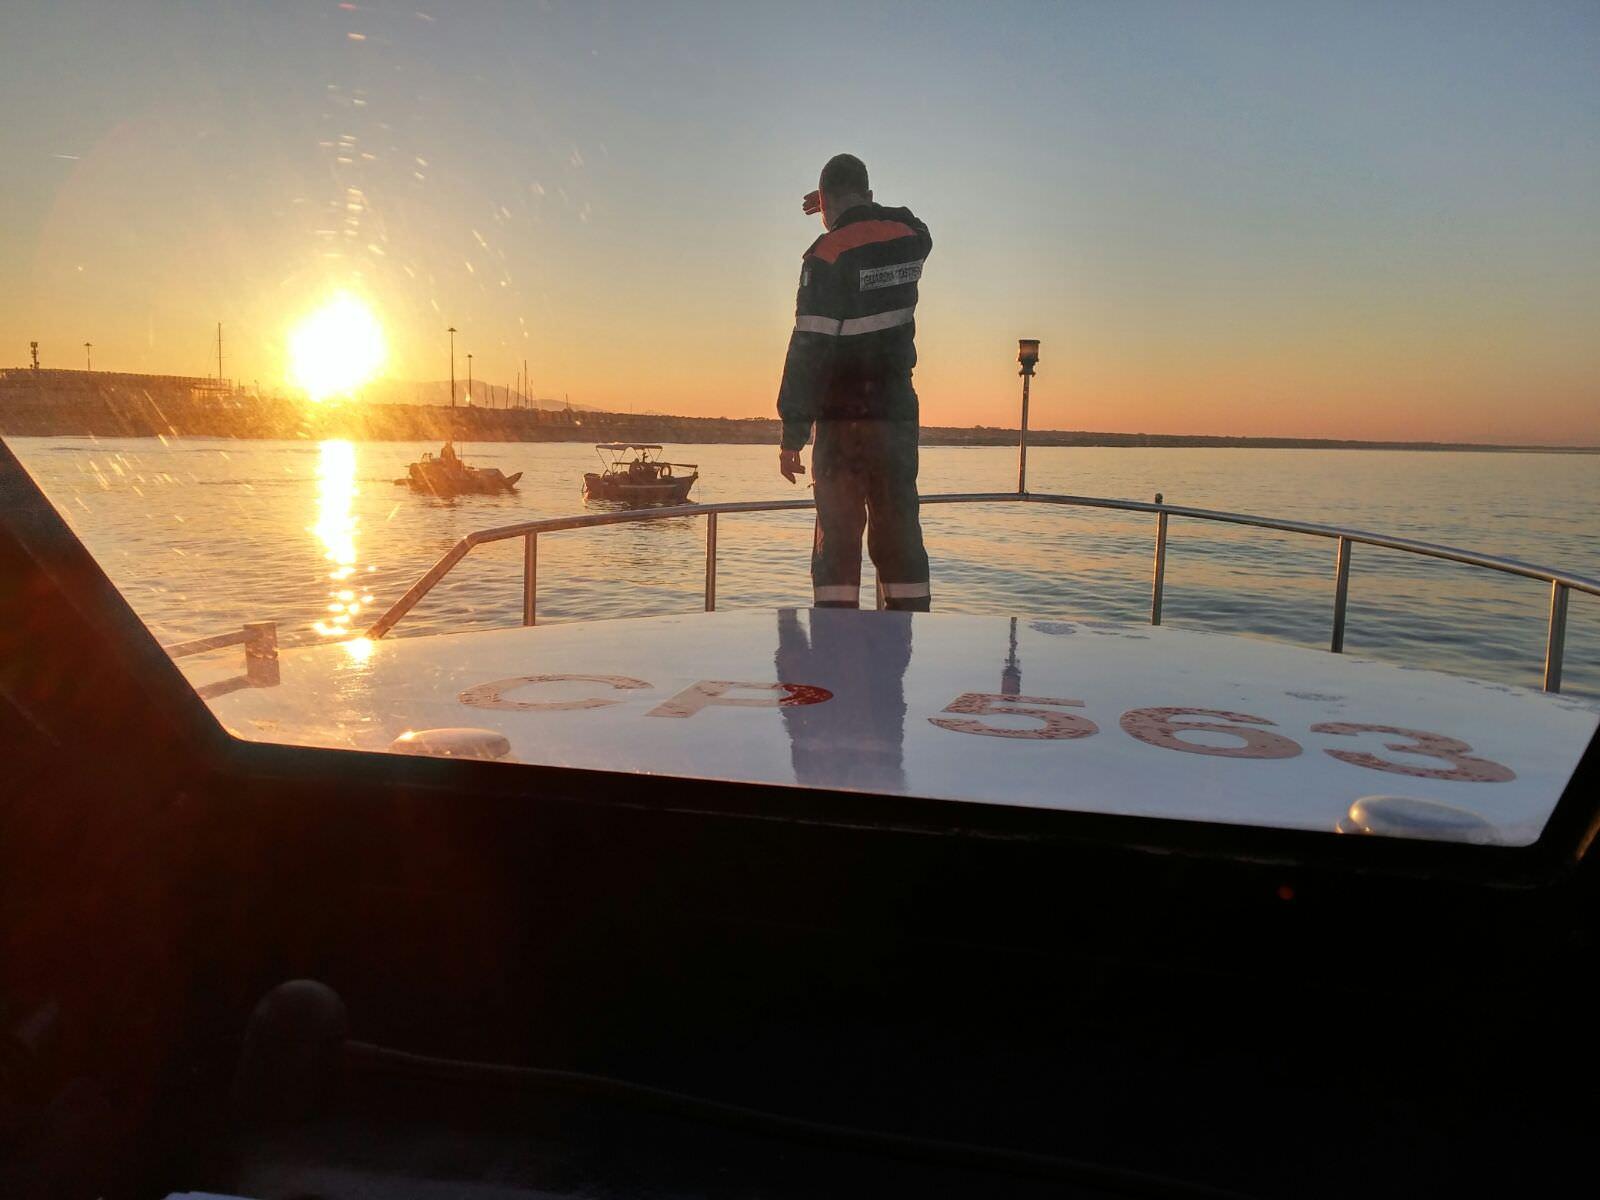 Tragedia a Tirrenia, pescatore cade dal peschereccio e muore